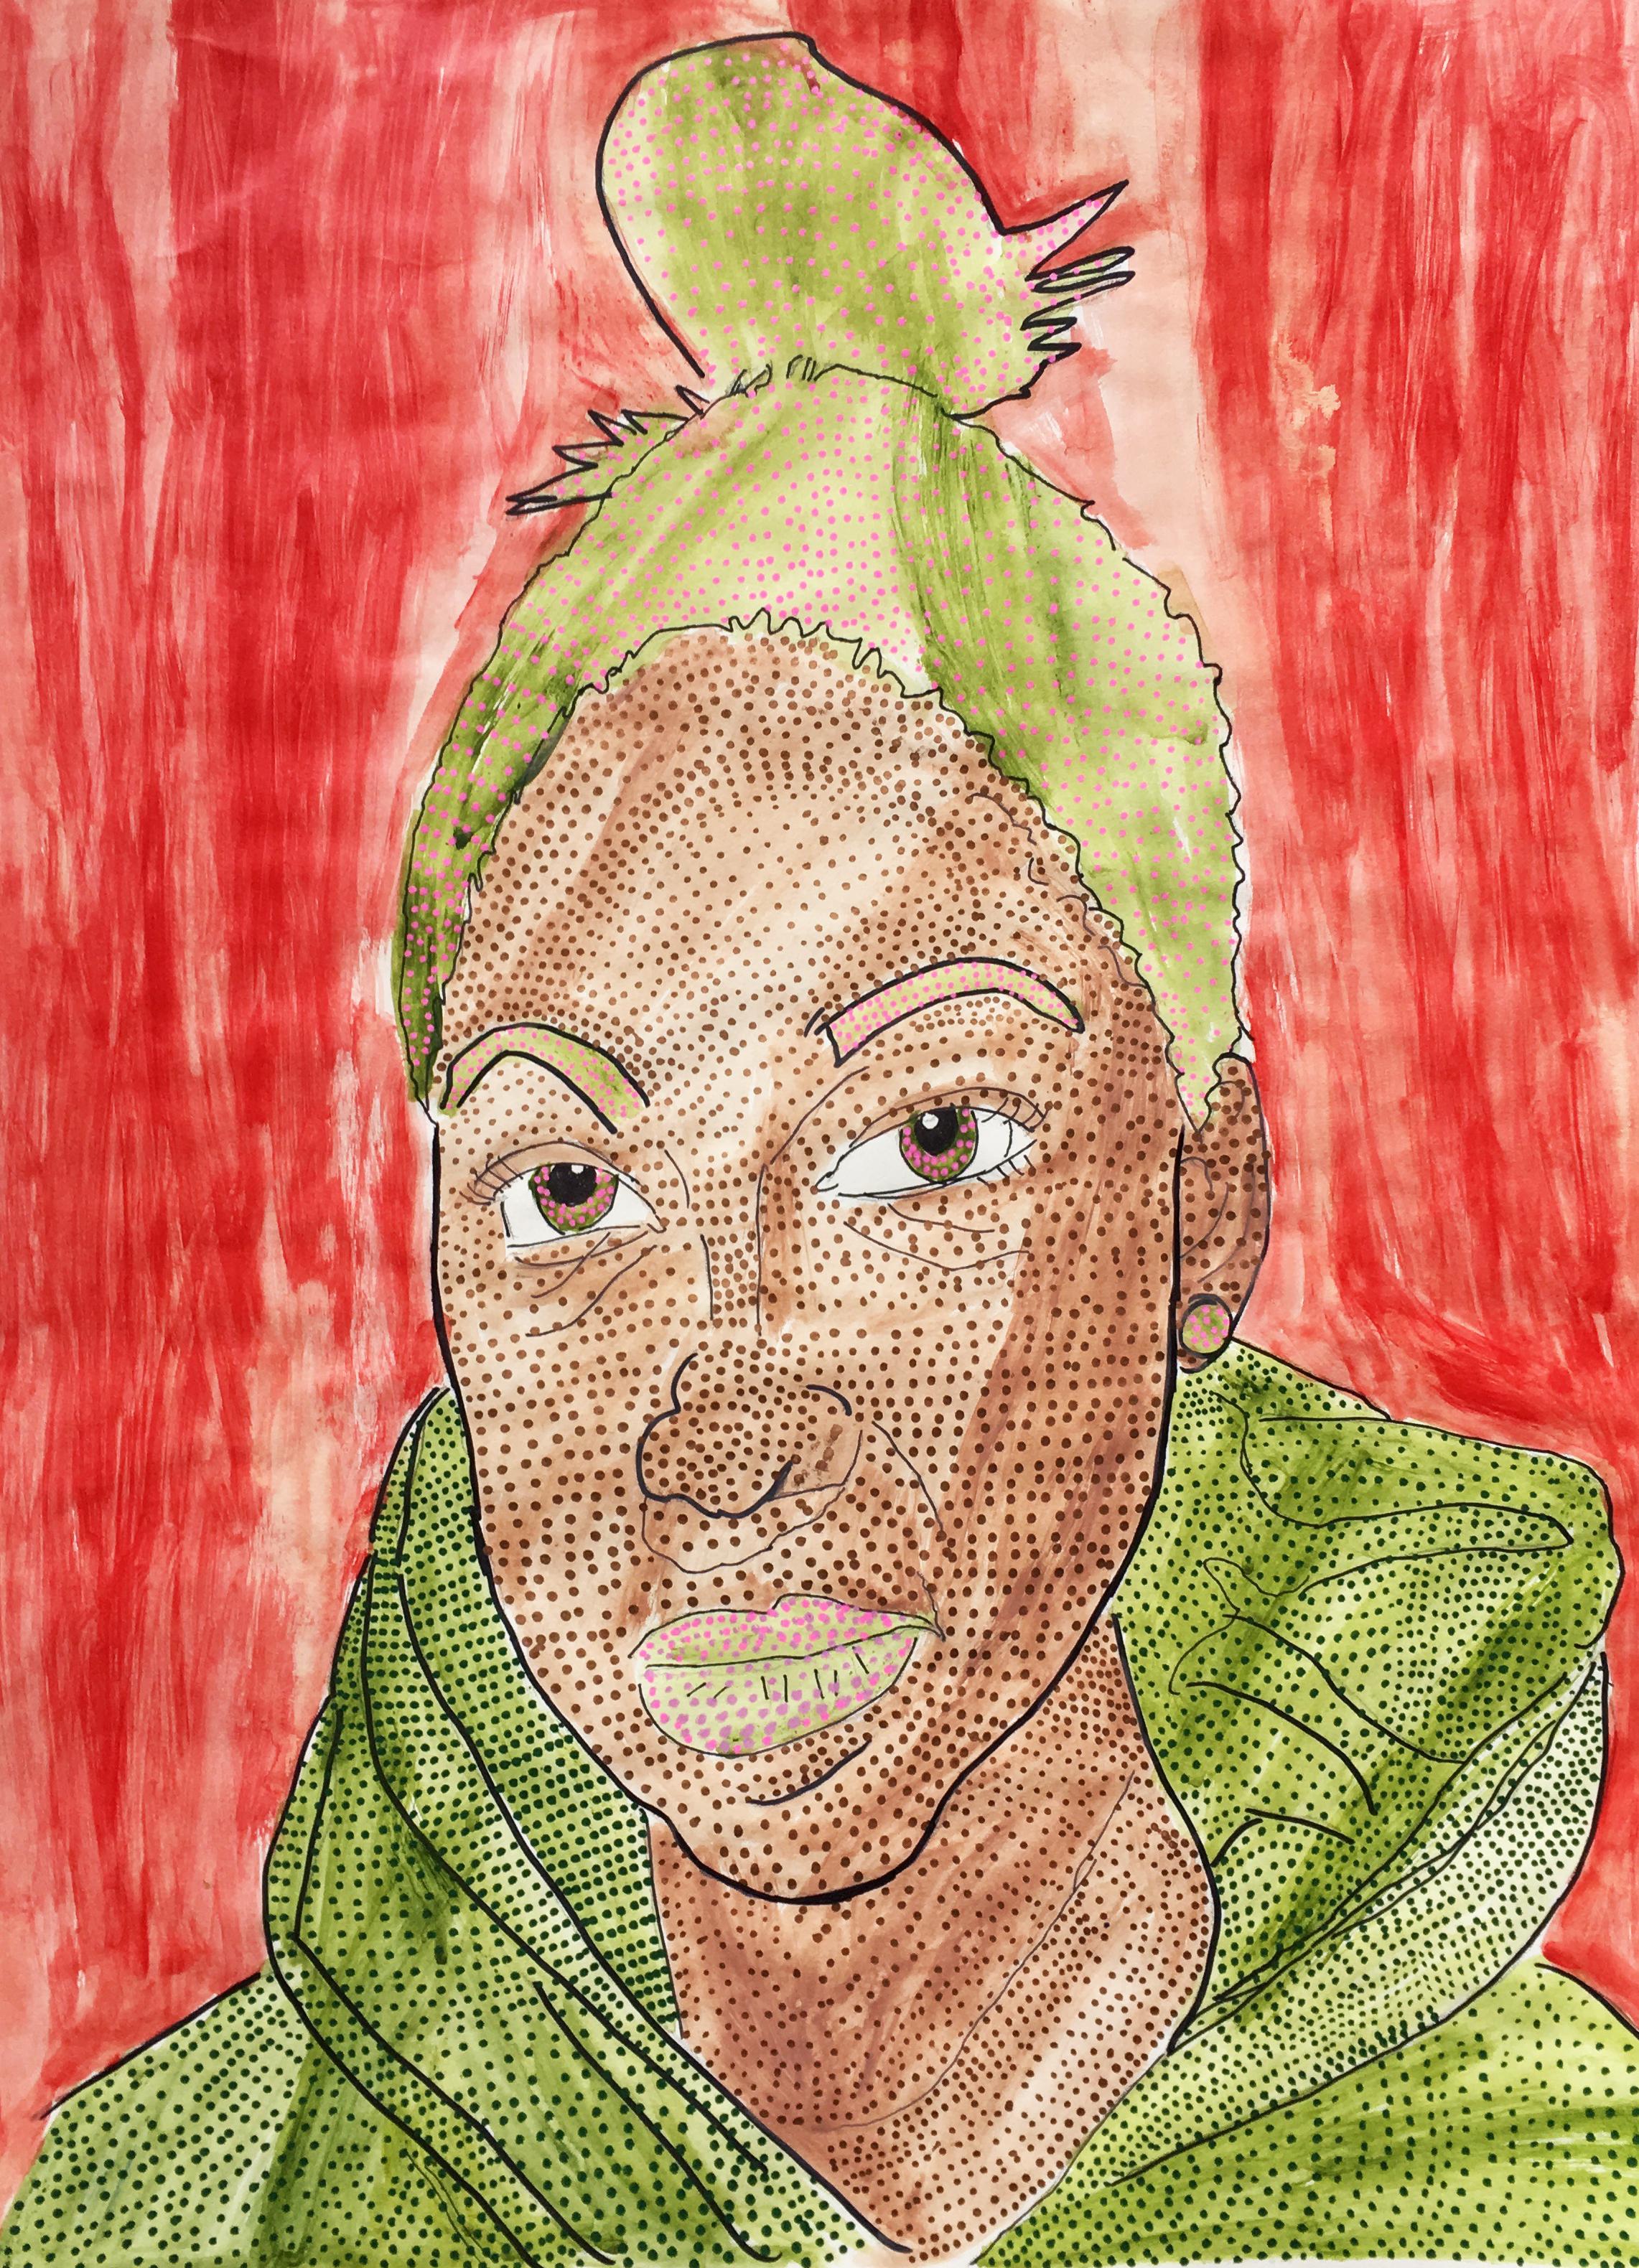 Denaya_popart portrait_01.jpg